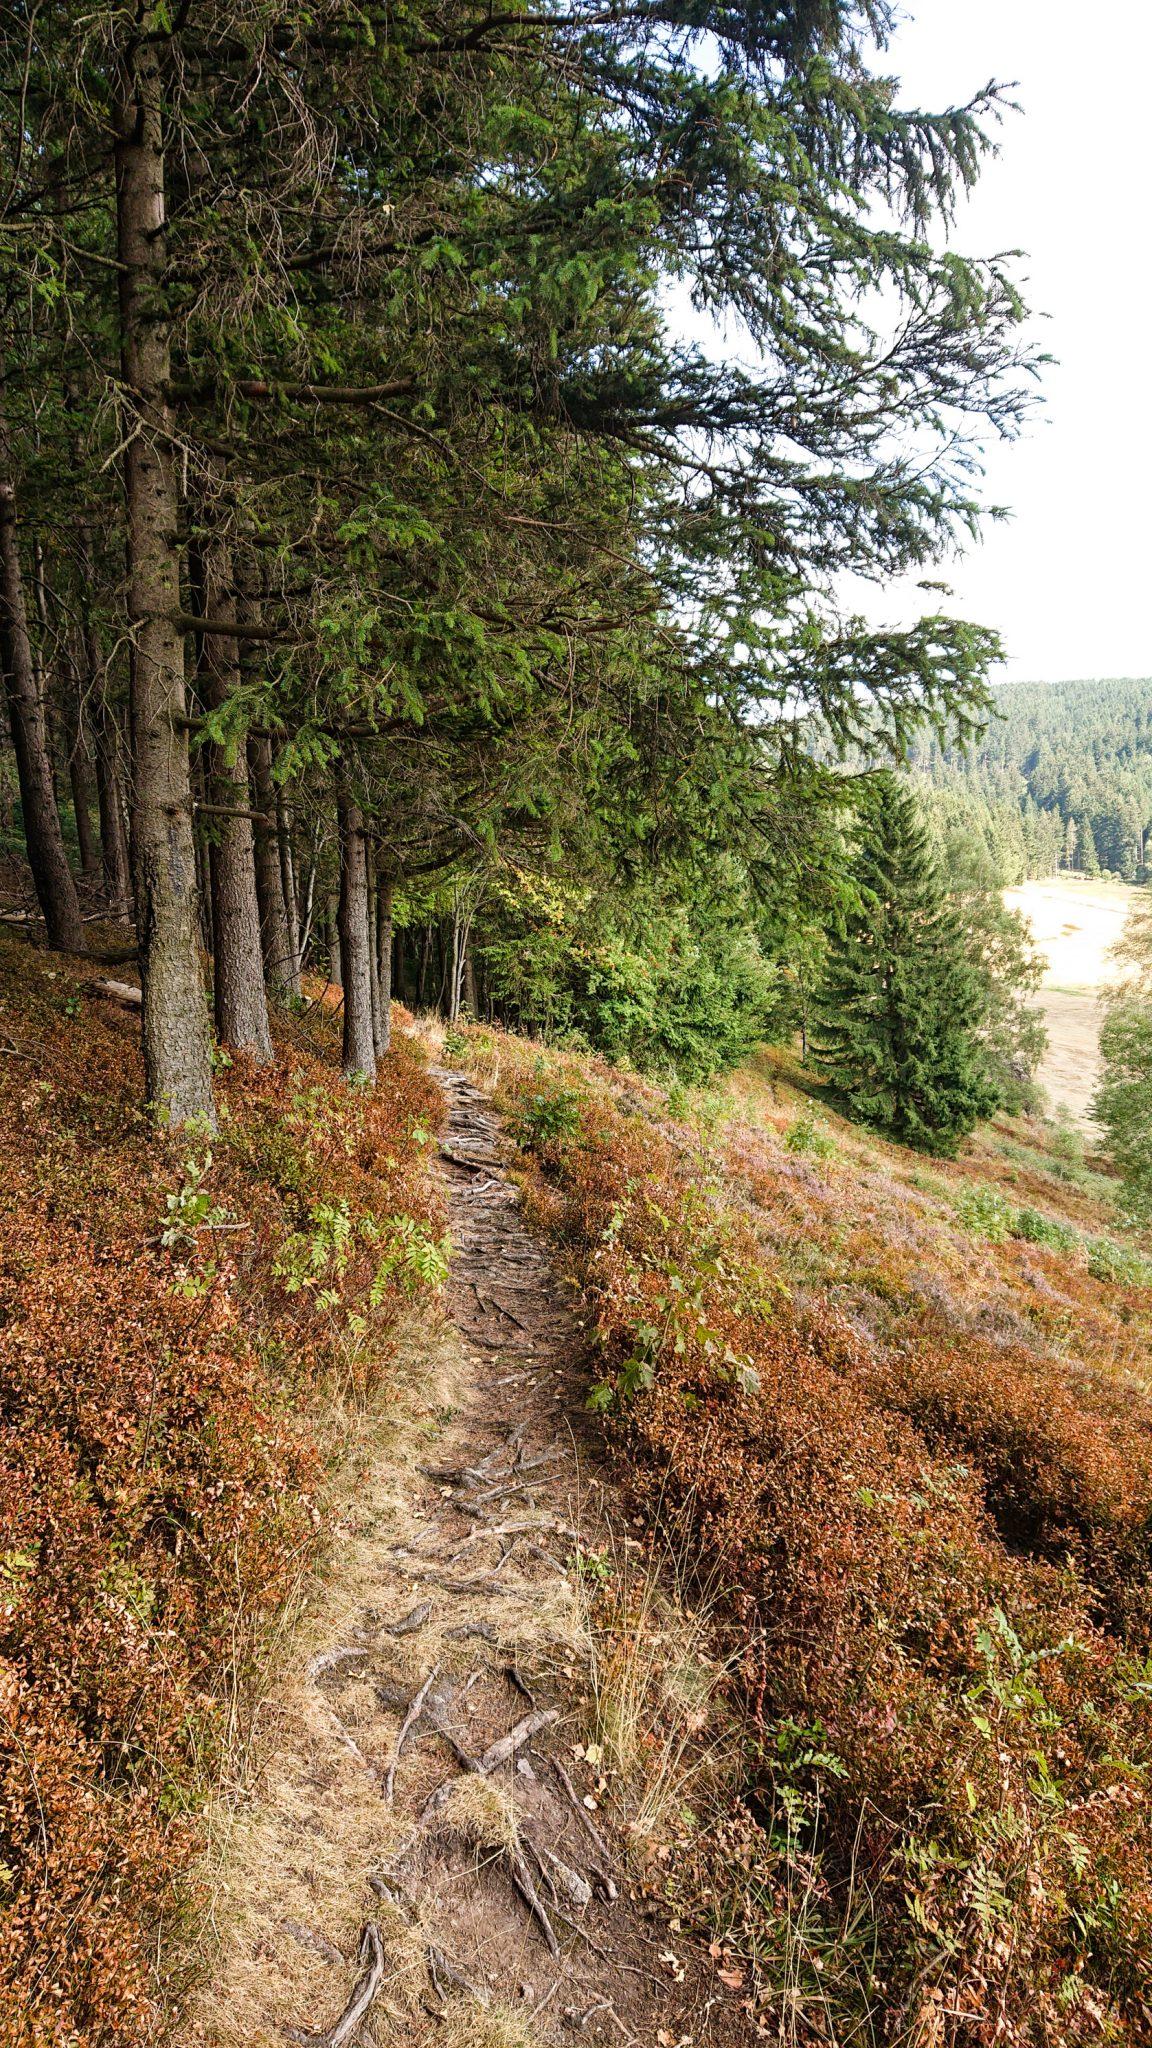 Großer Beerberg Schneekopf und Teufelskanzel, Gipfeltour Wanderung im Thüringer Wald, schmaler Pfad am Waldesrand